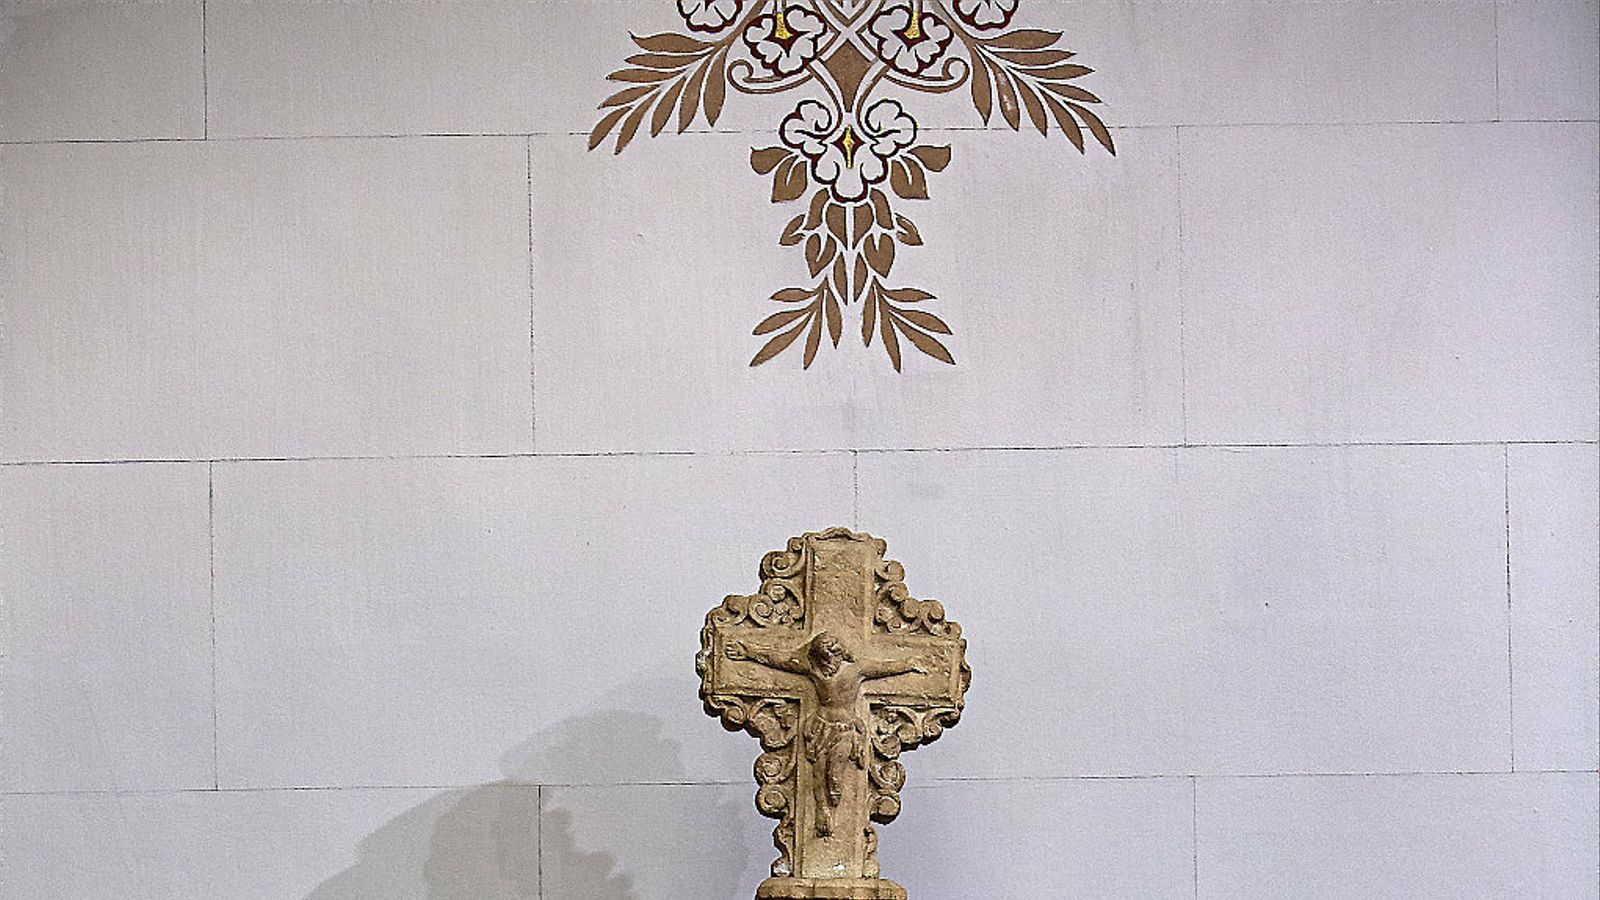 La creu de terme que hi ha dins la sala de plens de la seu del districte de Sants-Montjuïc i que reprodueix la que estava sota un cobert.